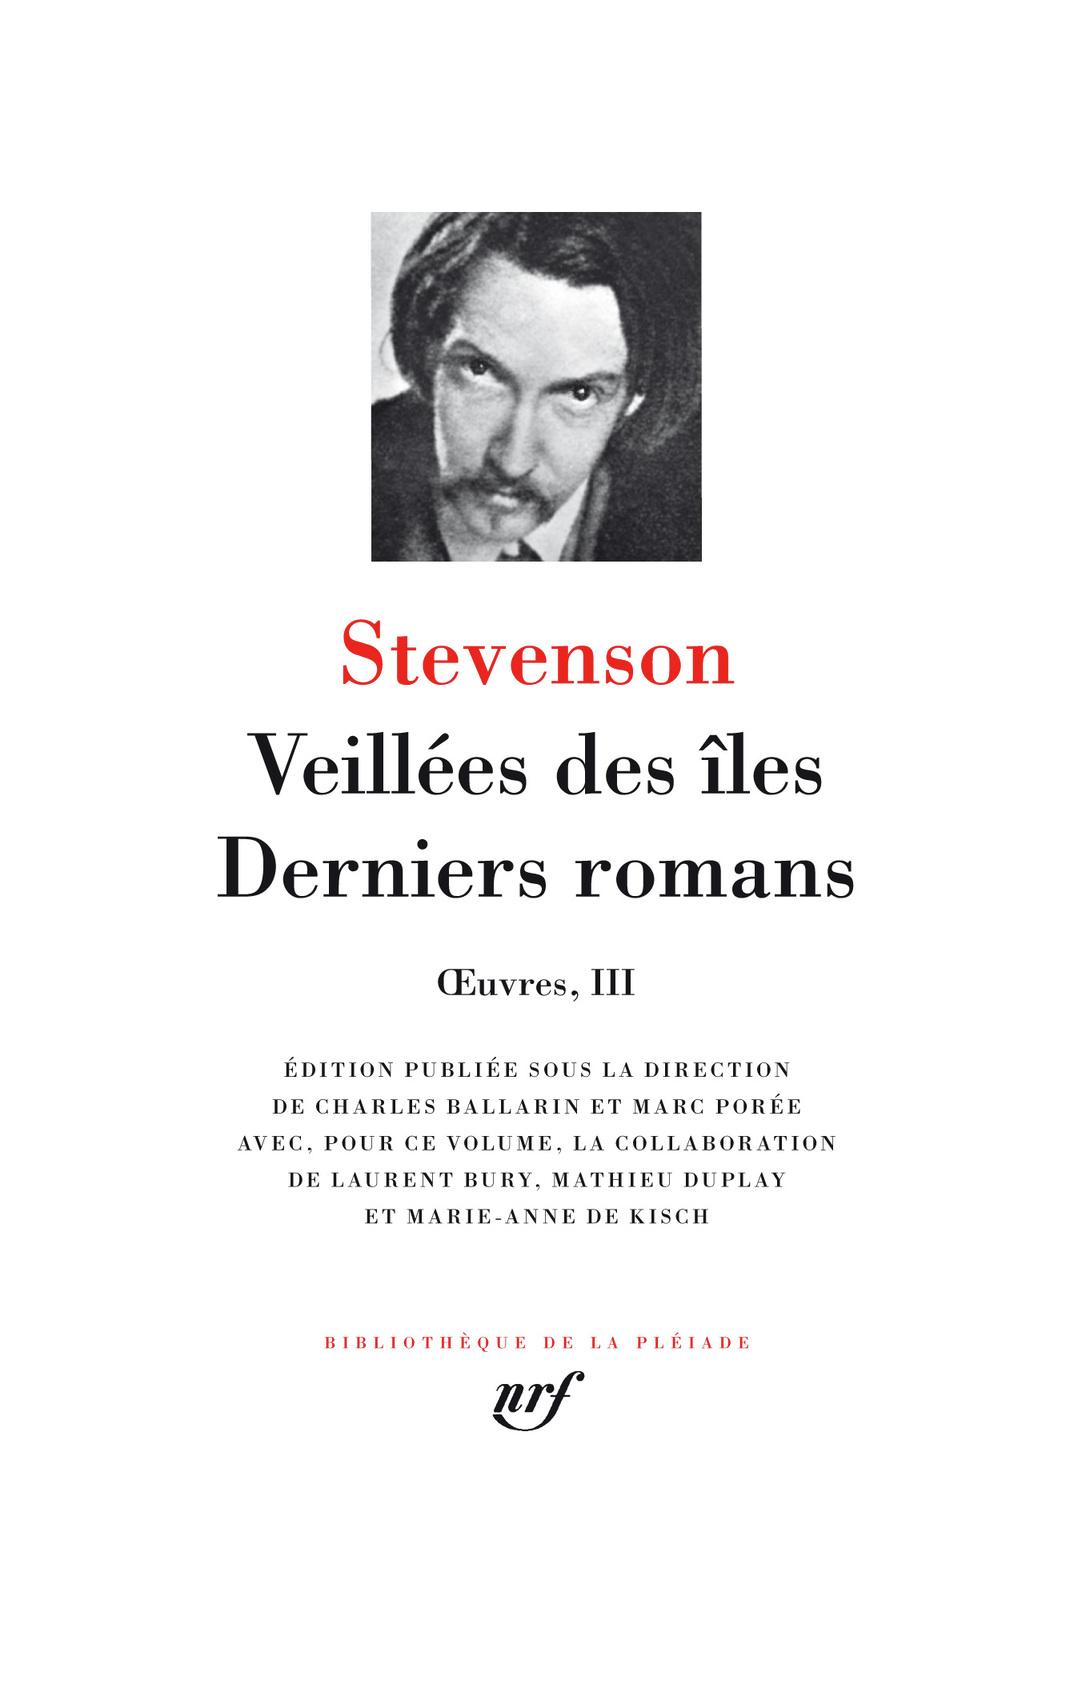 R.L. Stevenson, Œuvres III. Veillées des îles - Derniers romans (Biblioth. de la Pléiade)